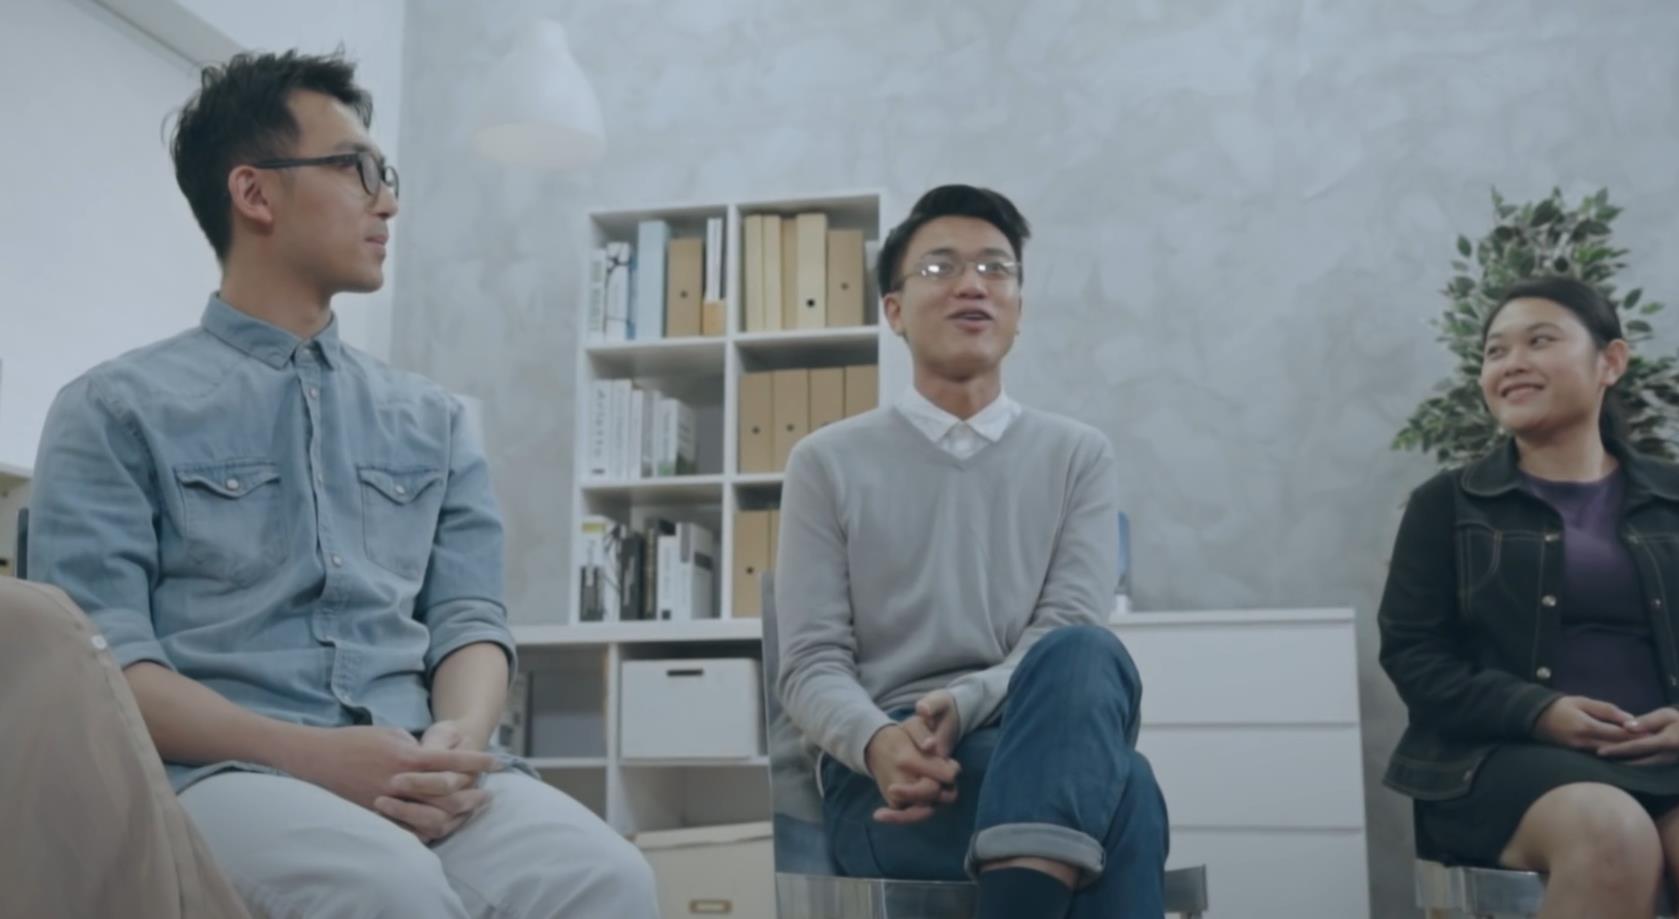 香港宽频 - 「联系这份爱」 电视广告.mp4